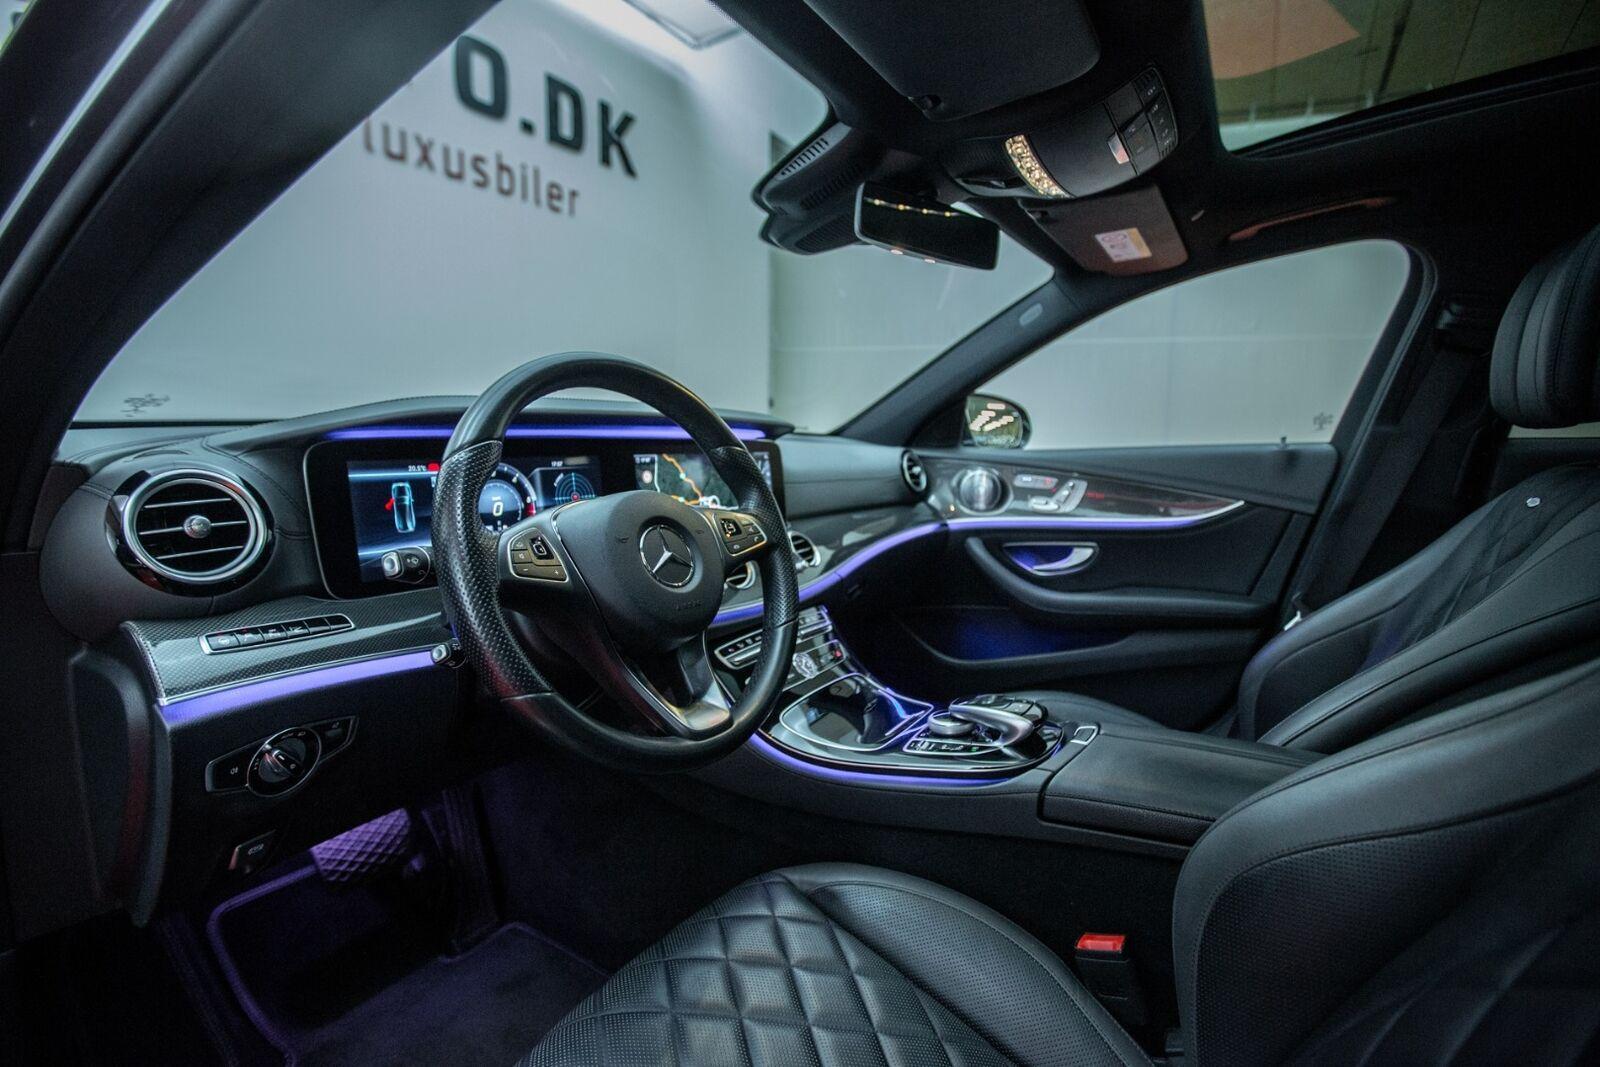 Mercedes E350 d 3,0 AMG Line stc. aut. 4Matic 5d - 3.800 kr.